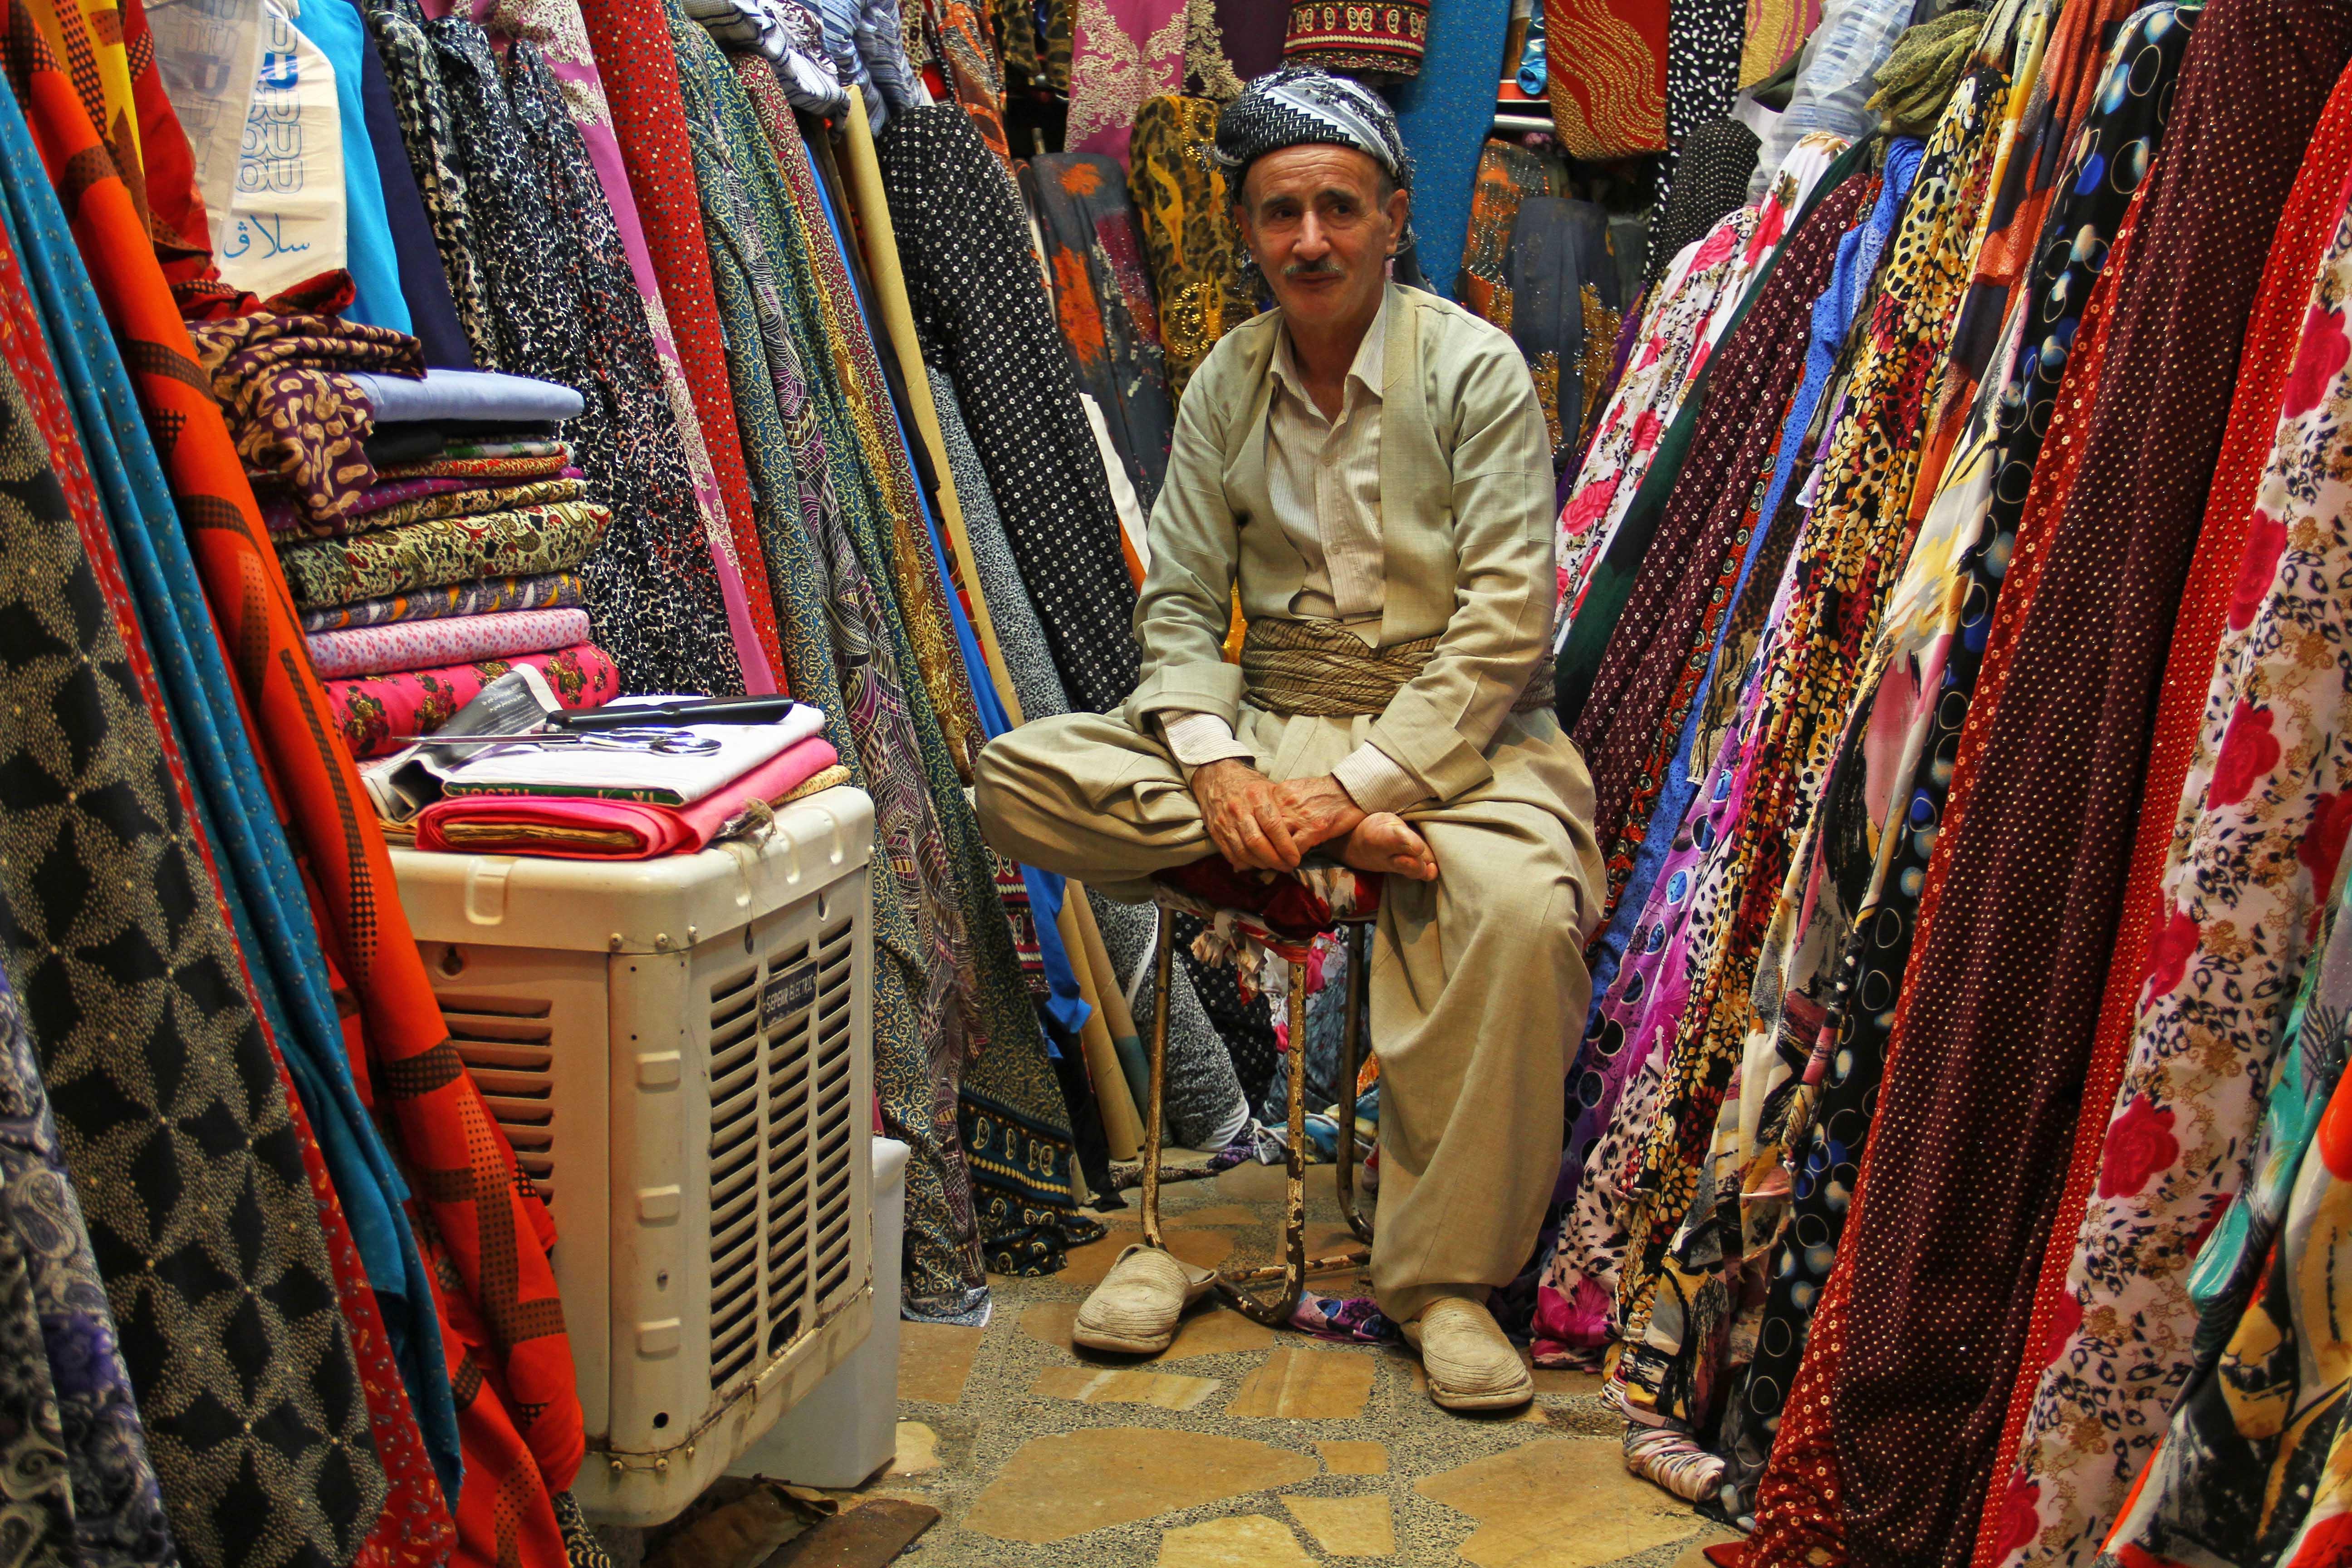 مدينة أربيل العراقية - صورة 4